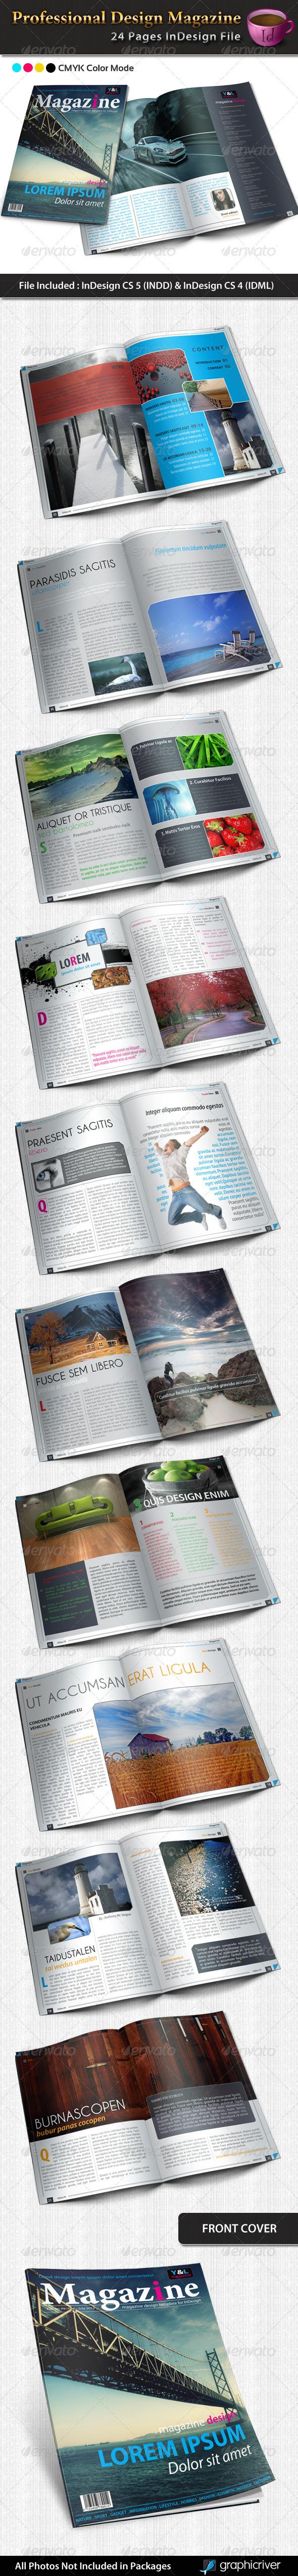 GraphicRiver Professional Design Magazine Template 1986449